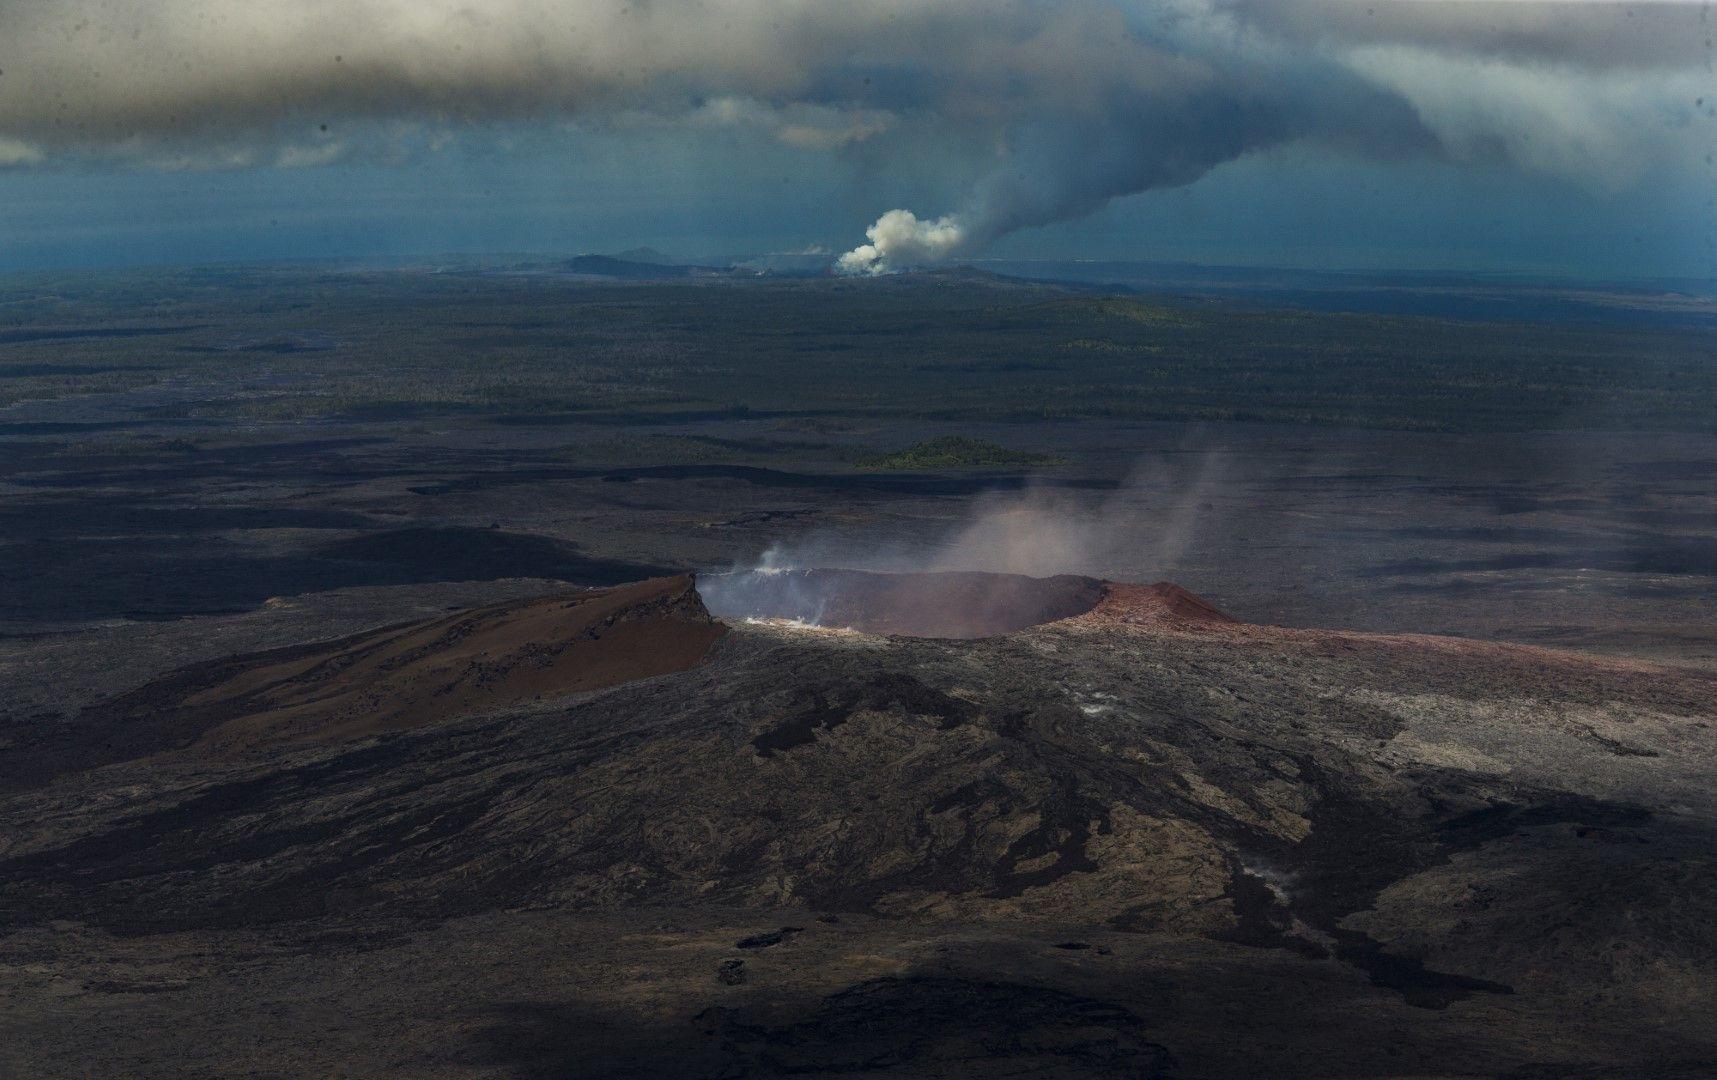 Голяма част от кратера на върха продължава да изригва